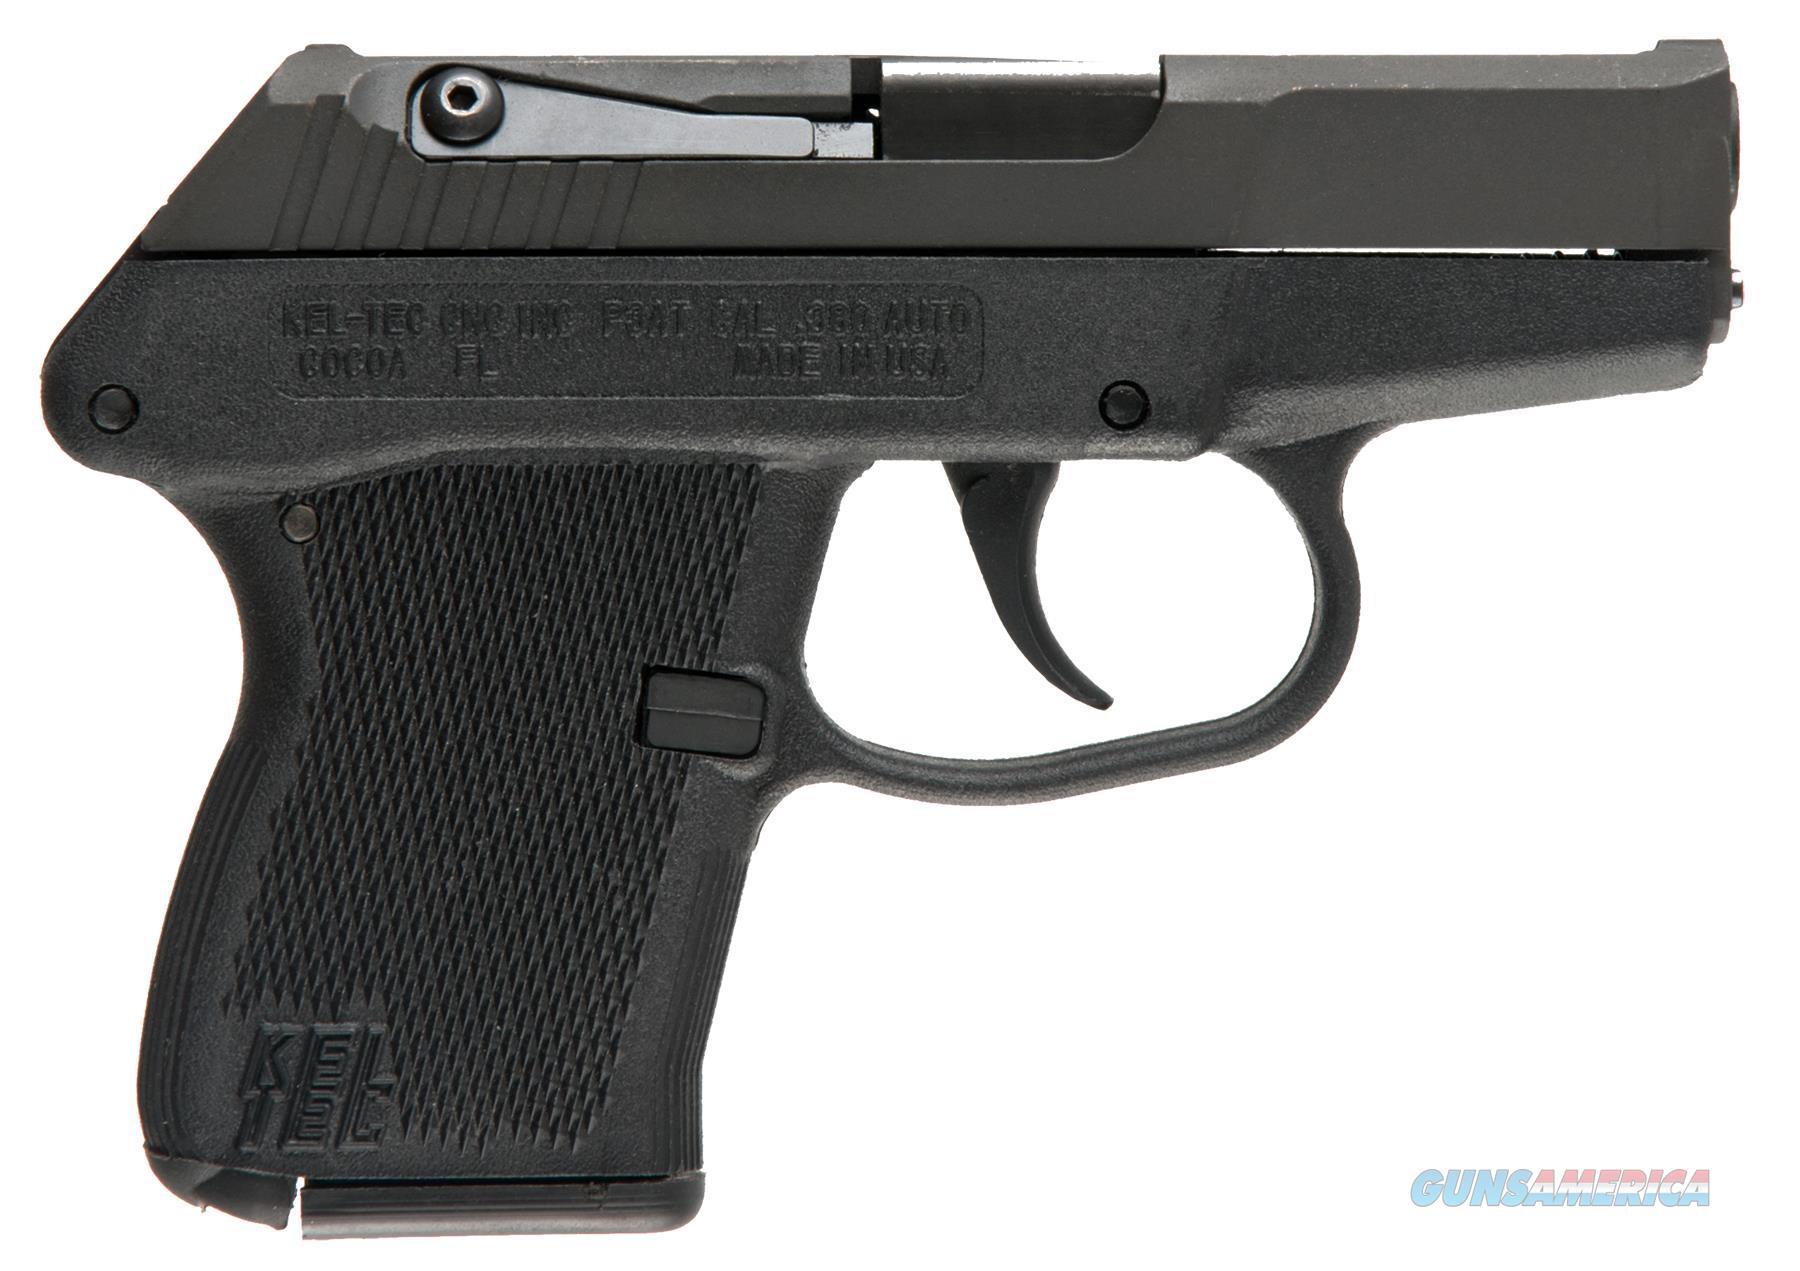 """Kel-Tec P3atpkblk P-3At 380 Acp Double 380 Automatic Colt Pistol (Acp) 2.7"""" 6+1 Black Polymer Grip Black Parkerized P3ATPKBLK  Guns > Pistols > K Misc Pistols"""